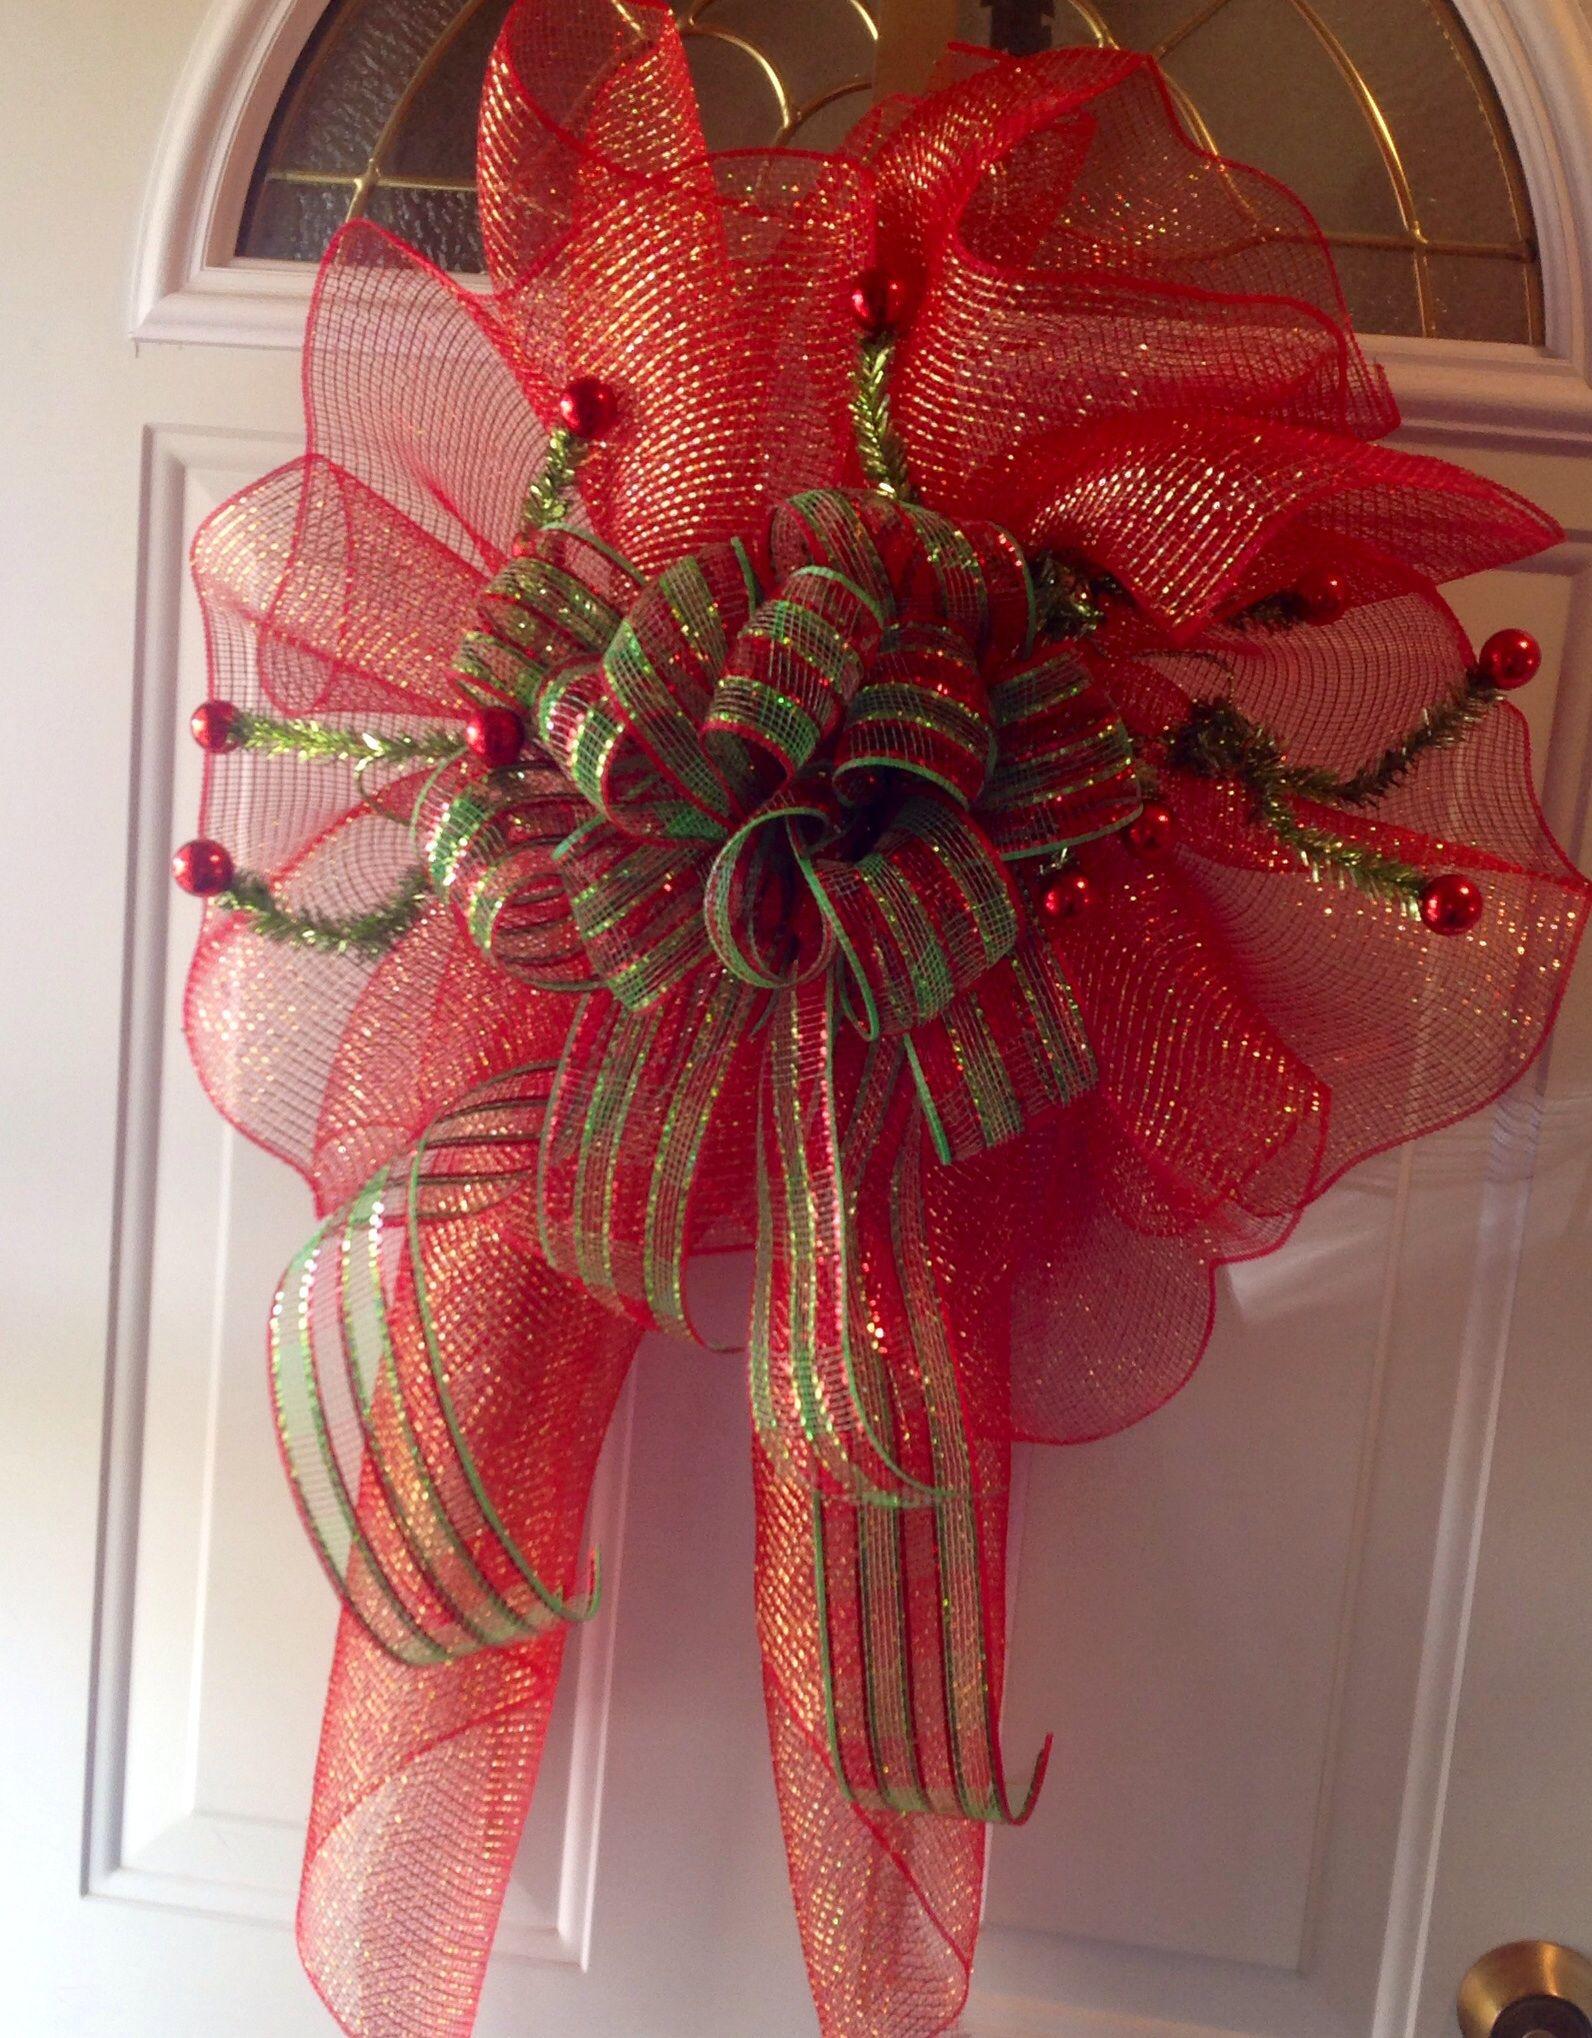 DIY Christmas deco mesh bow take your mesh gathering